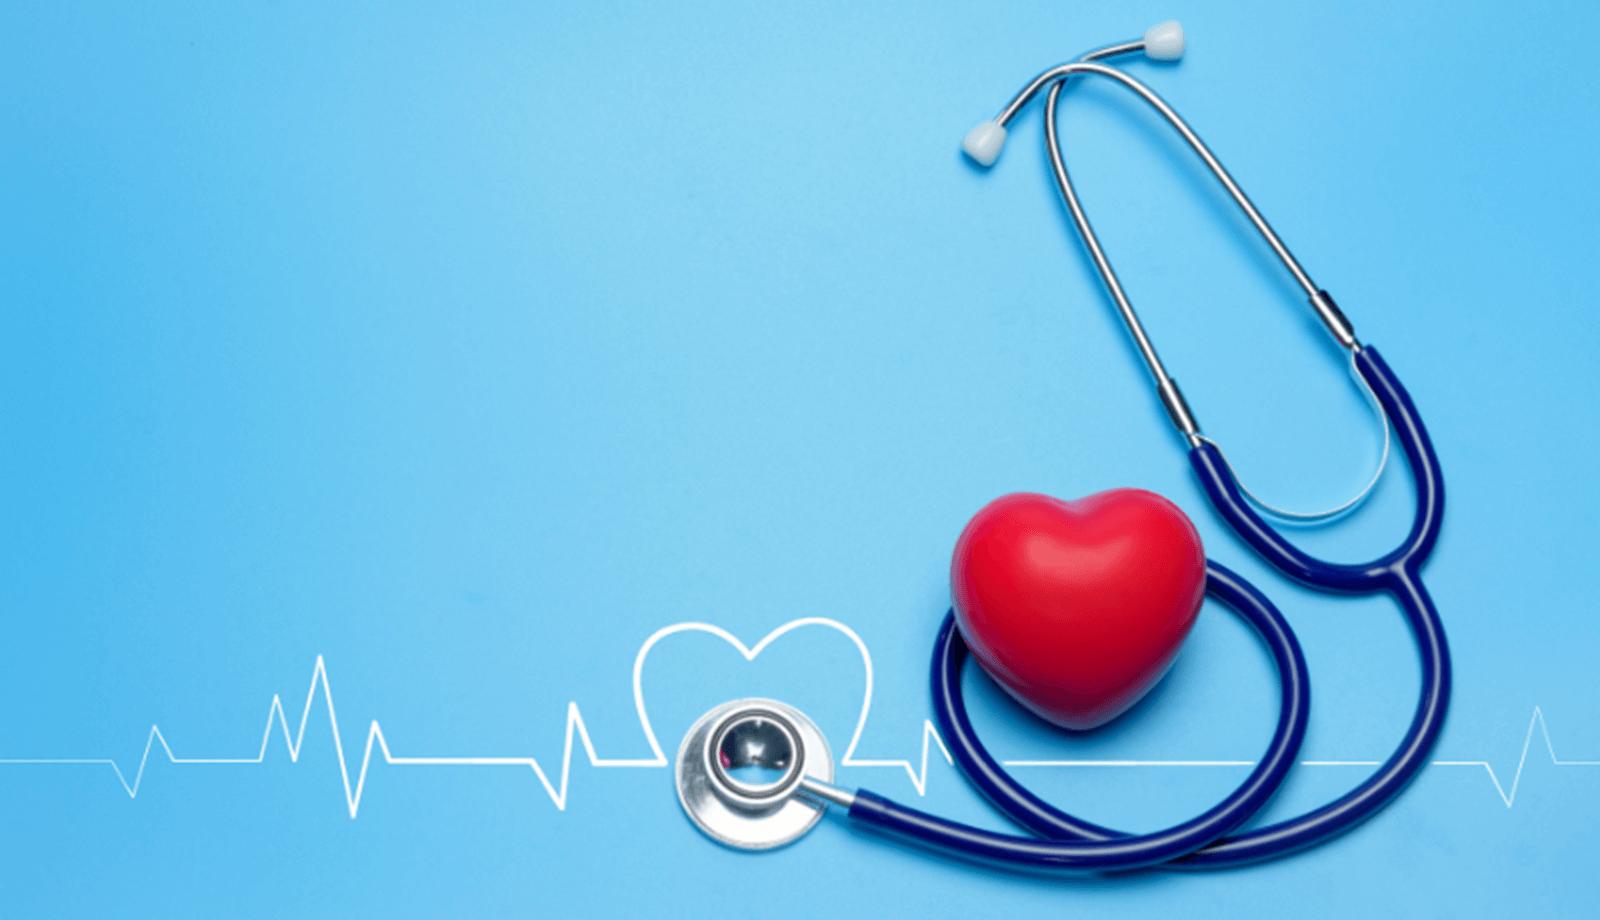 Hel gyógyszerek magas vérnyomás ellen torna hipertóniával